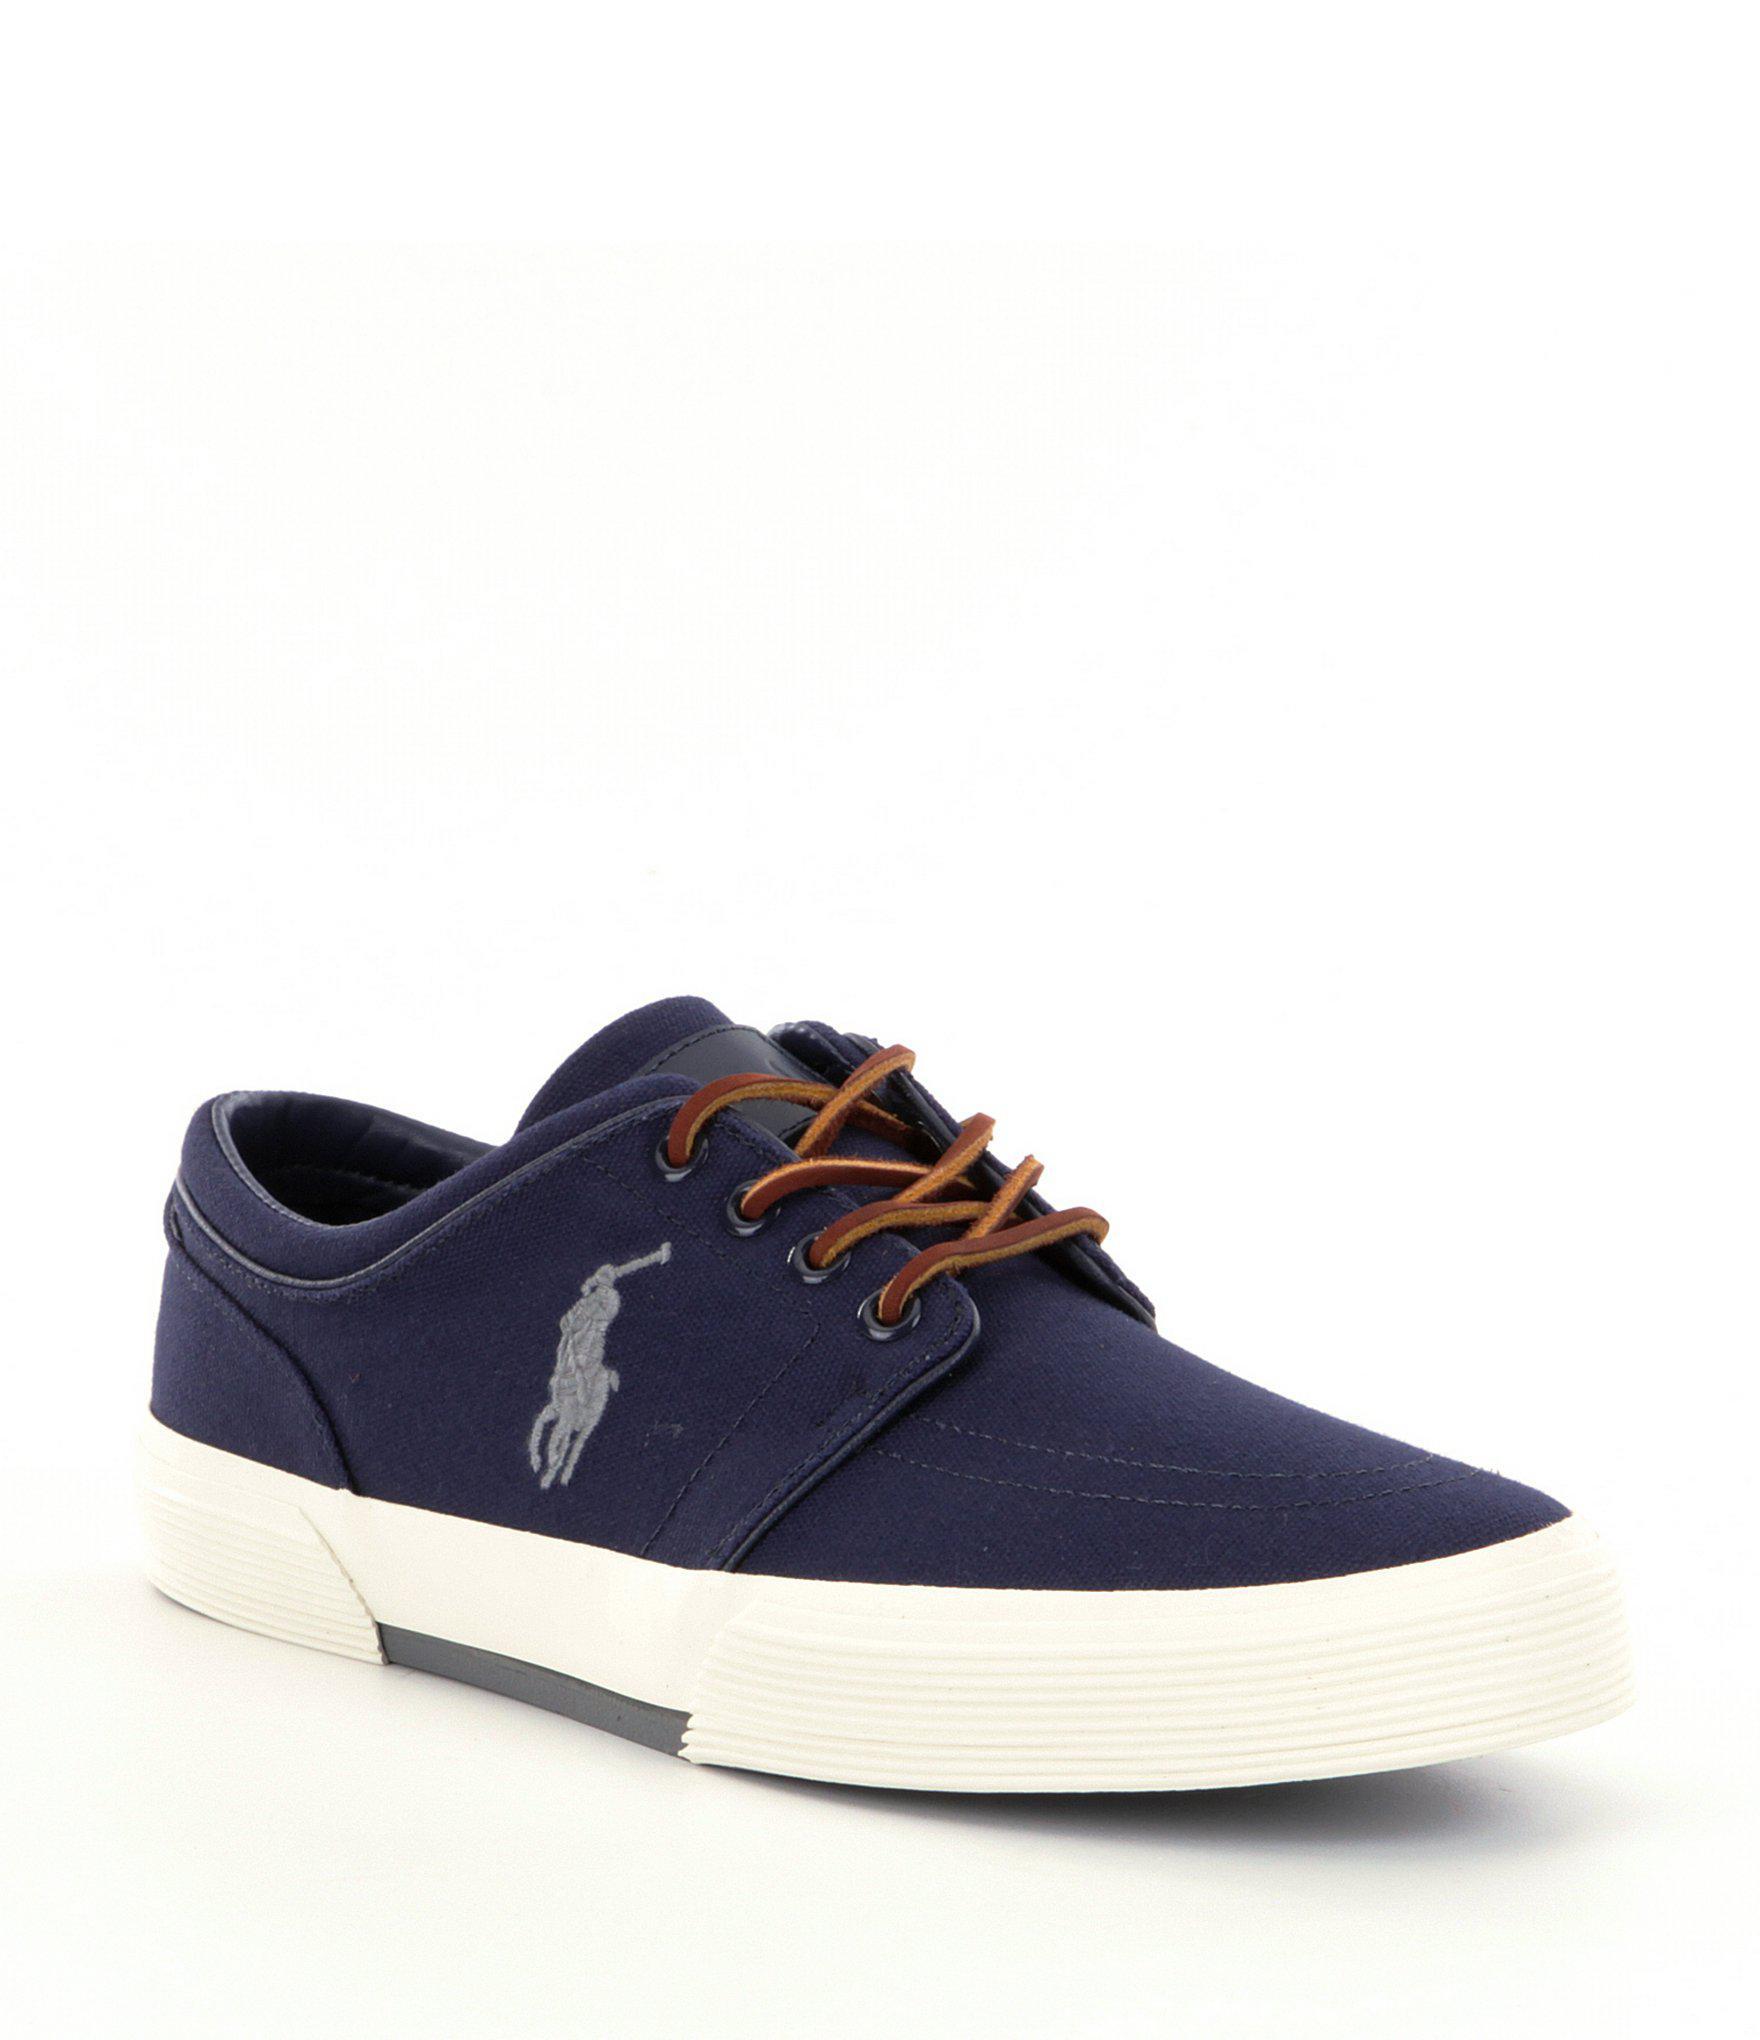 d0489f48b55 Lyst - Polo Ralph Lauren Faxon Men ́s Lace-up Shoes in Blue for Men